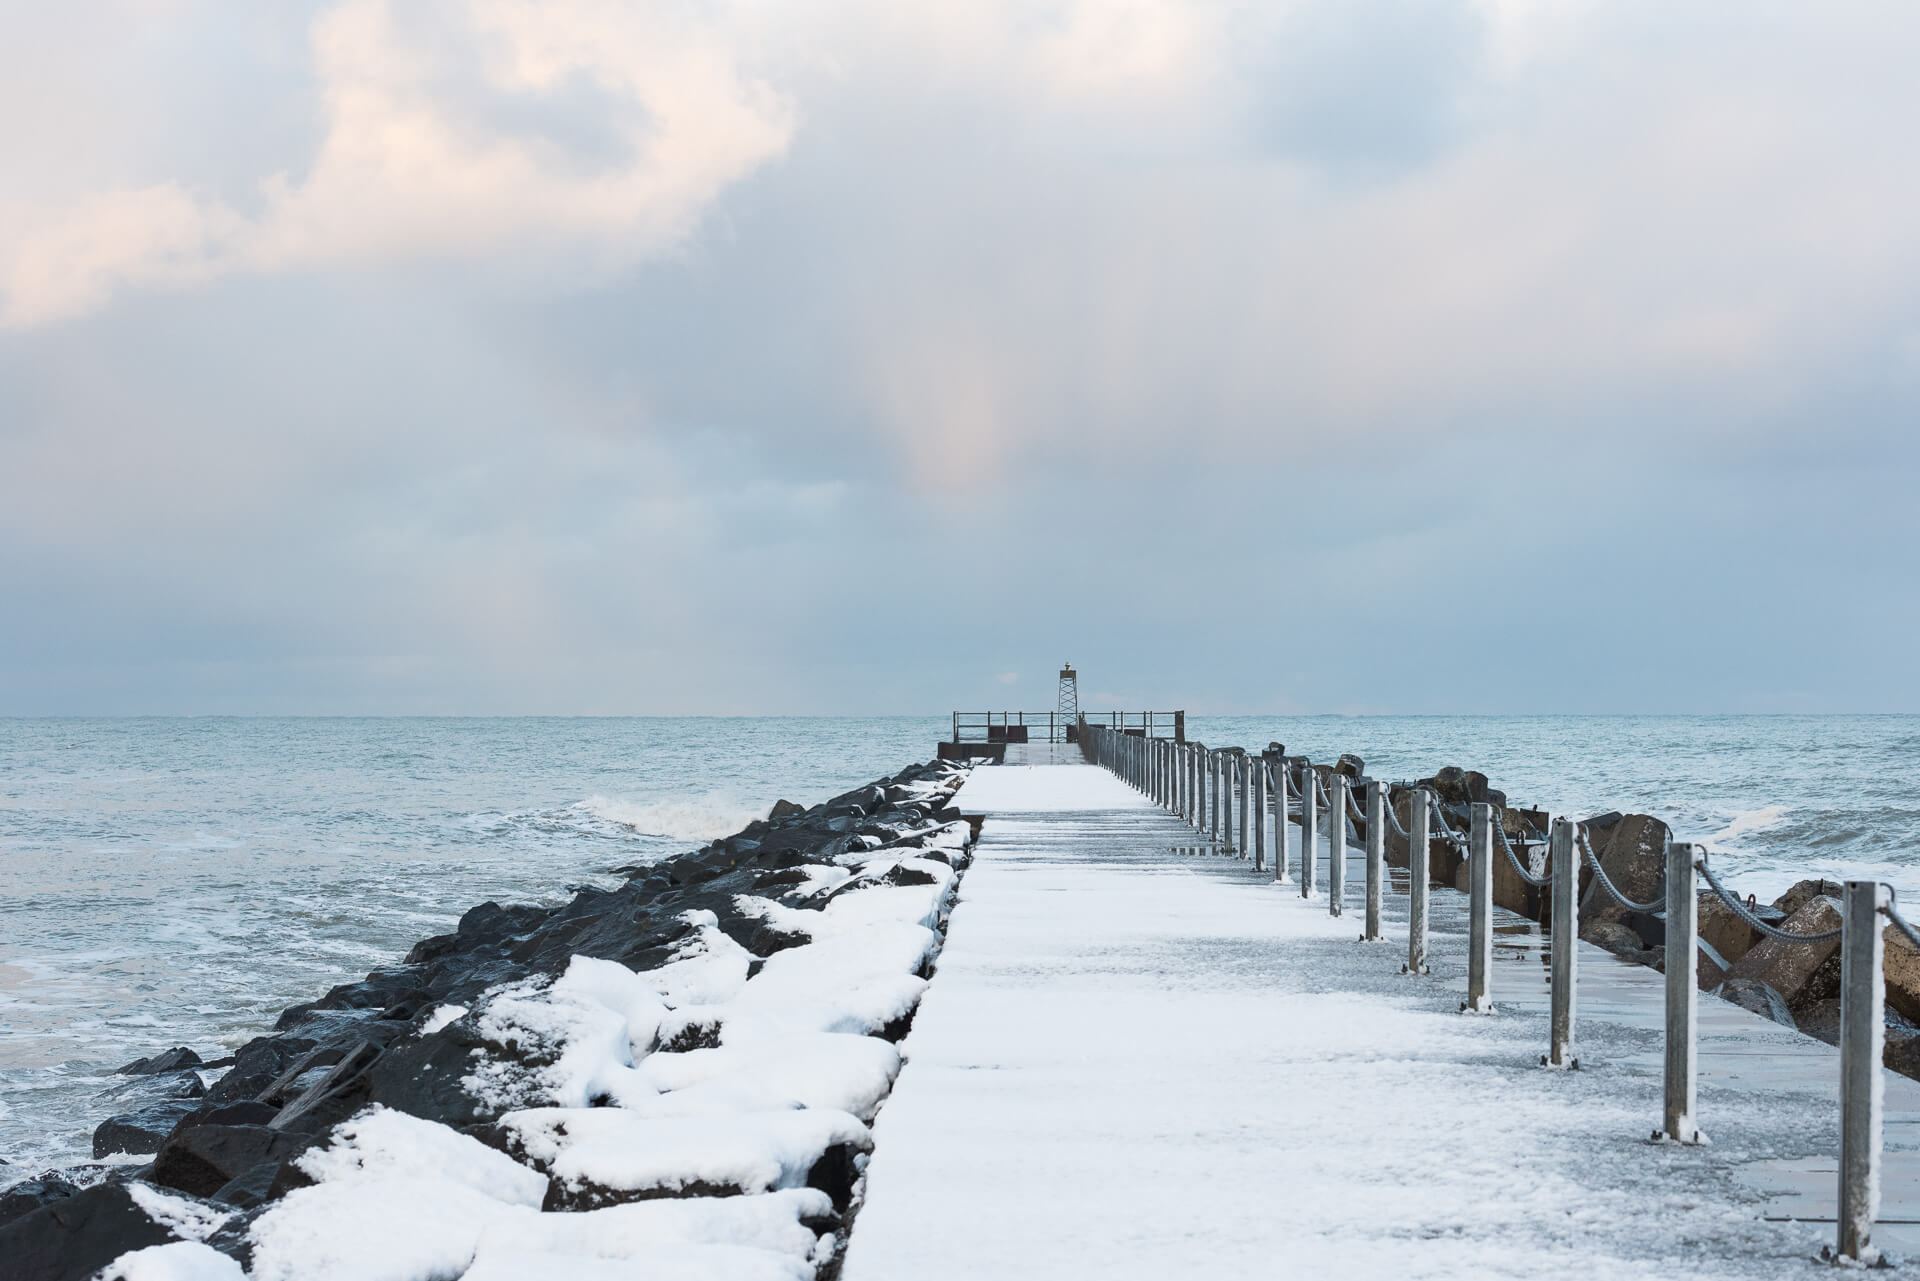 Foto von der Fotostory Redeleit und Junker zeigt eine verschneite Mole mit Blick auf das Meer